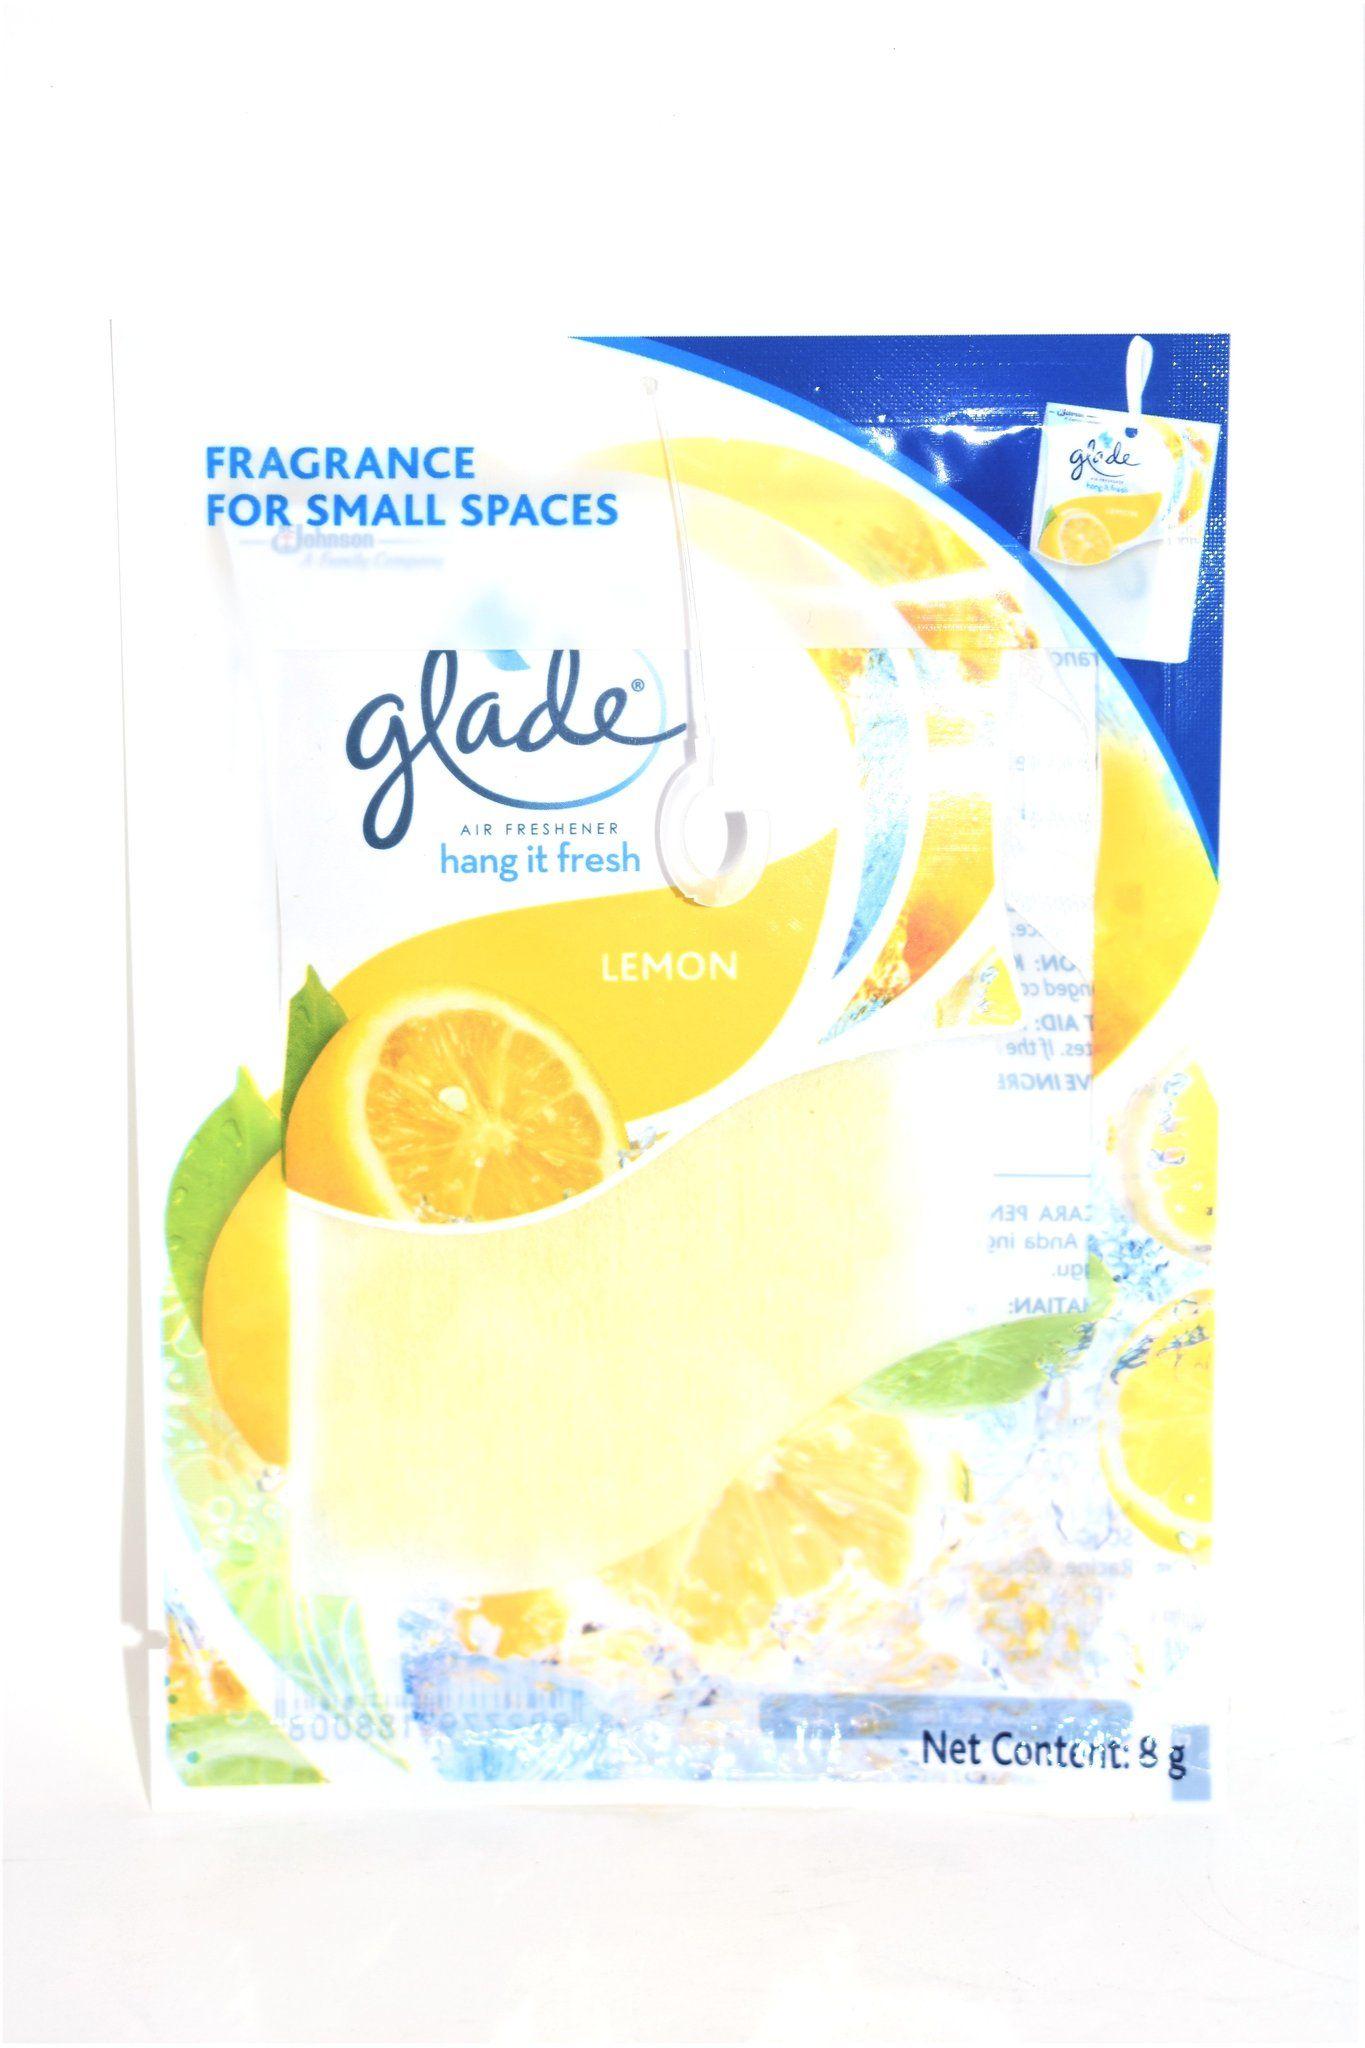 Glade Air Freshener Hang It Fresh Lemon Scent, 8g